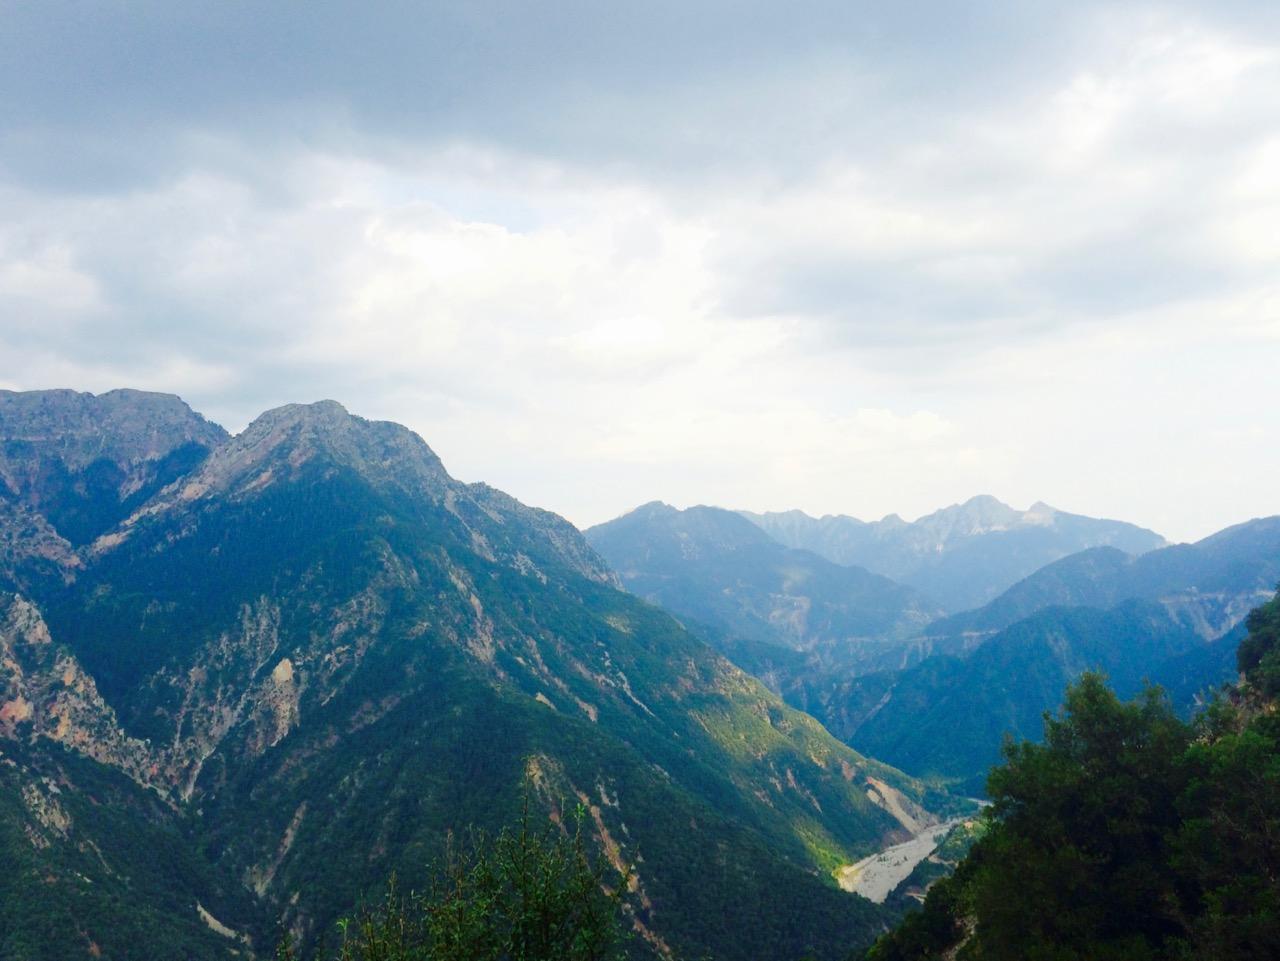 Σε πολλά σημεία, υπάρχουν τοποθεσίες εκπληκτικής θέας στα γύρω βουνά.